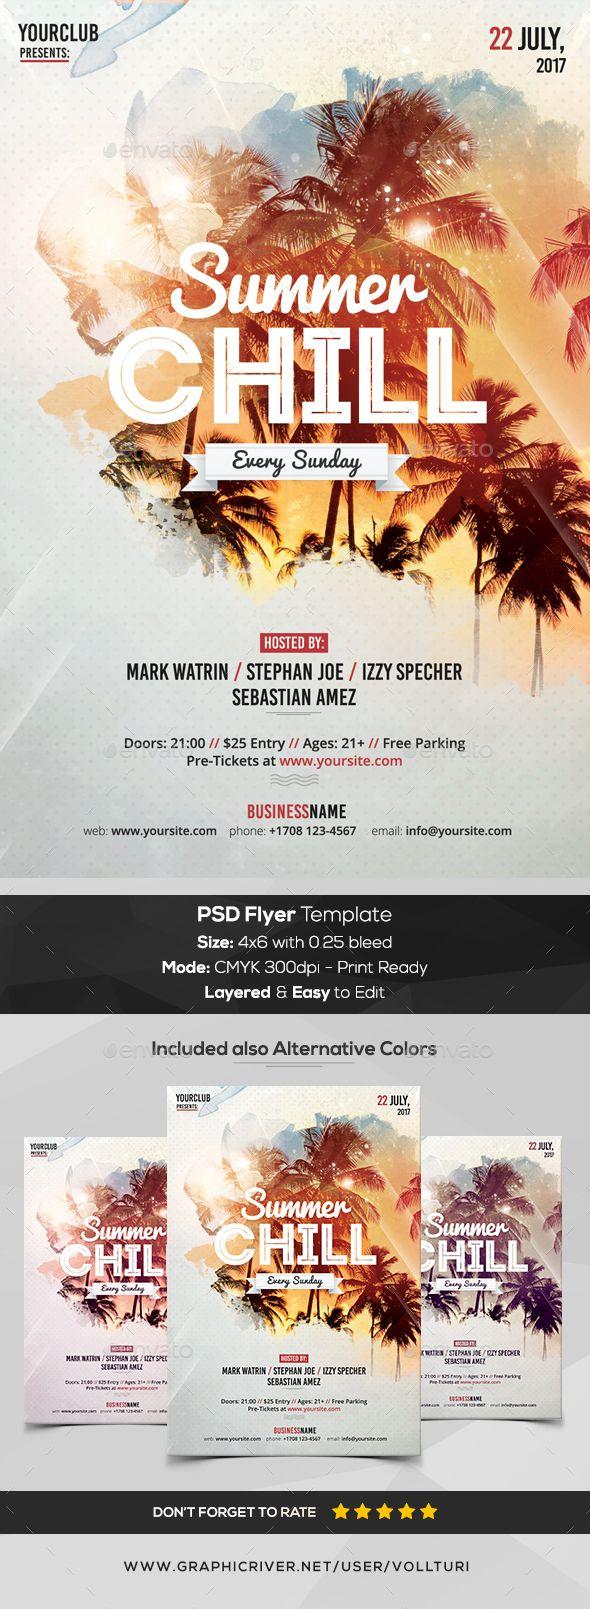 Summer Chill - PSD Flyer Template | Psd flyer templates, Event ...